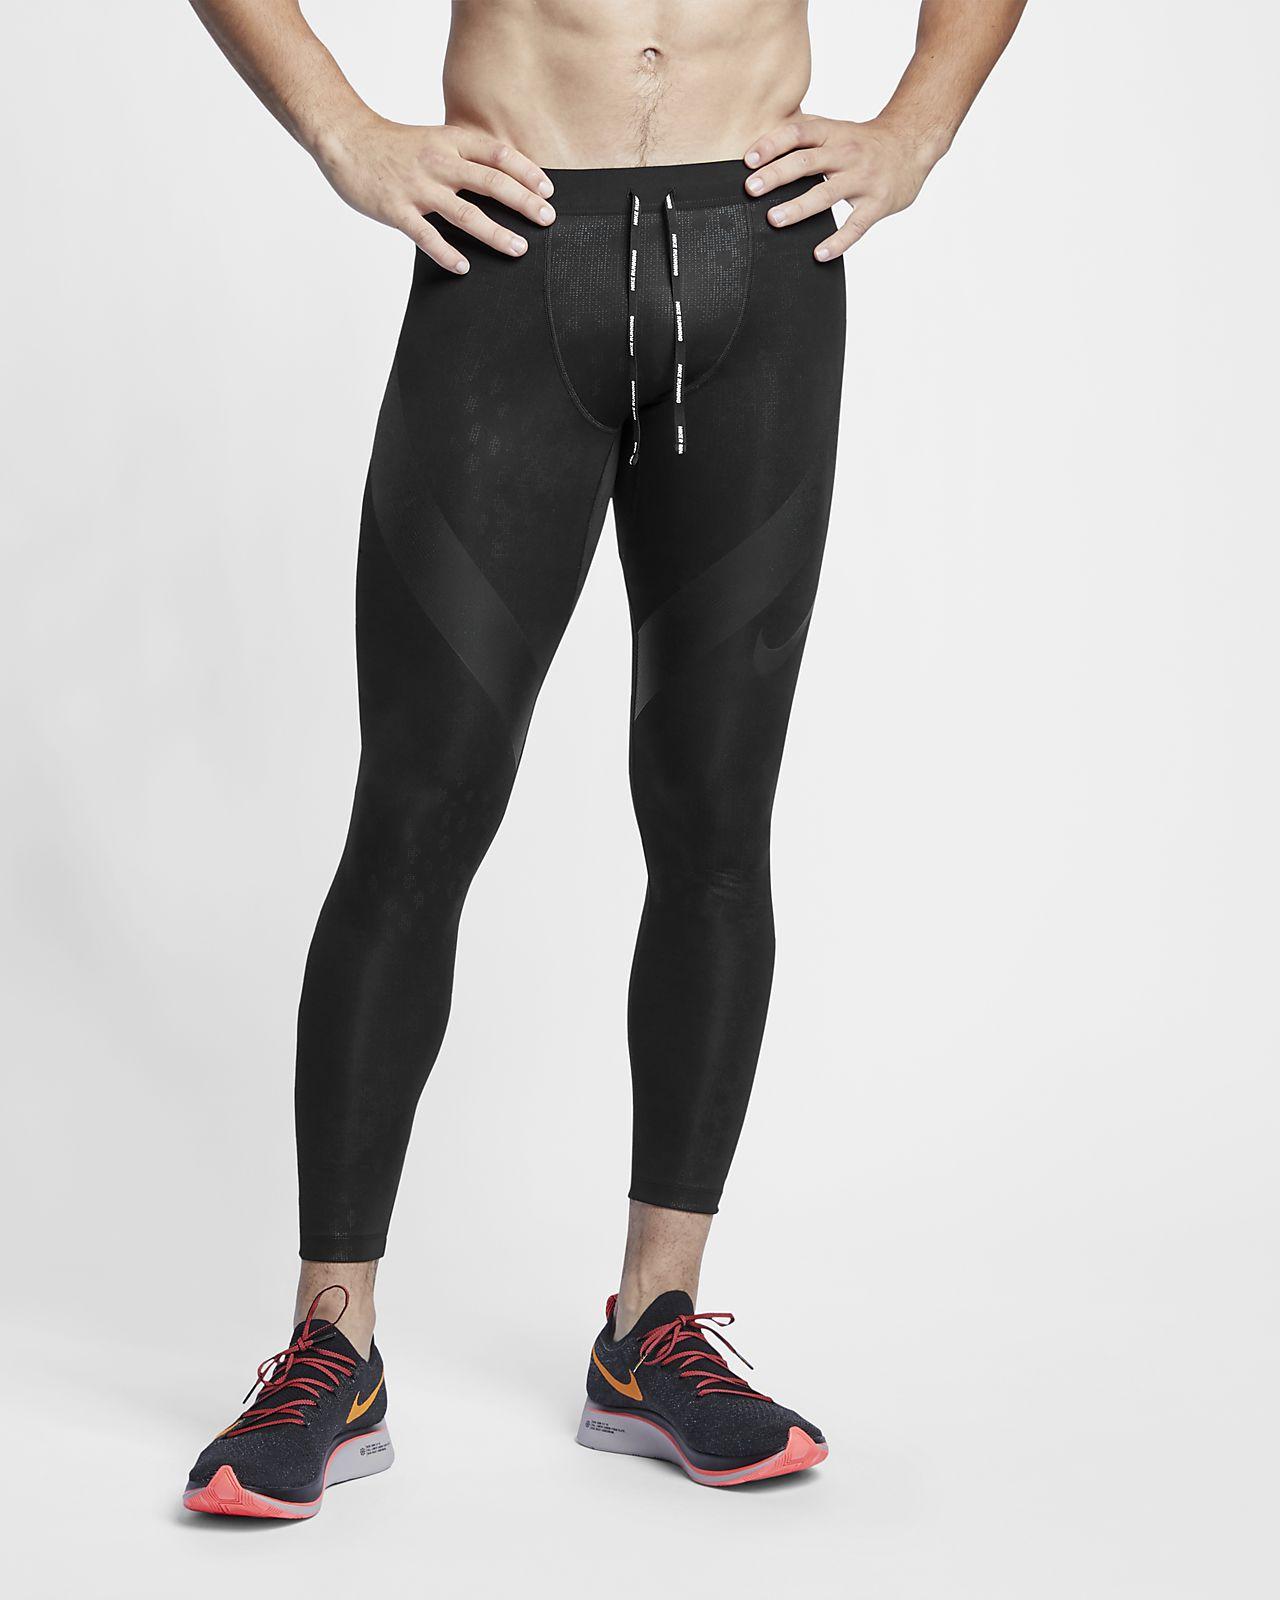 Męskie legginsy do biegania Nike Power Tech